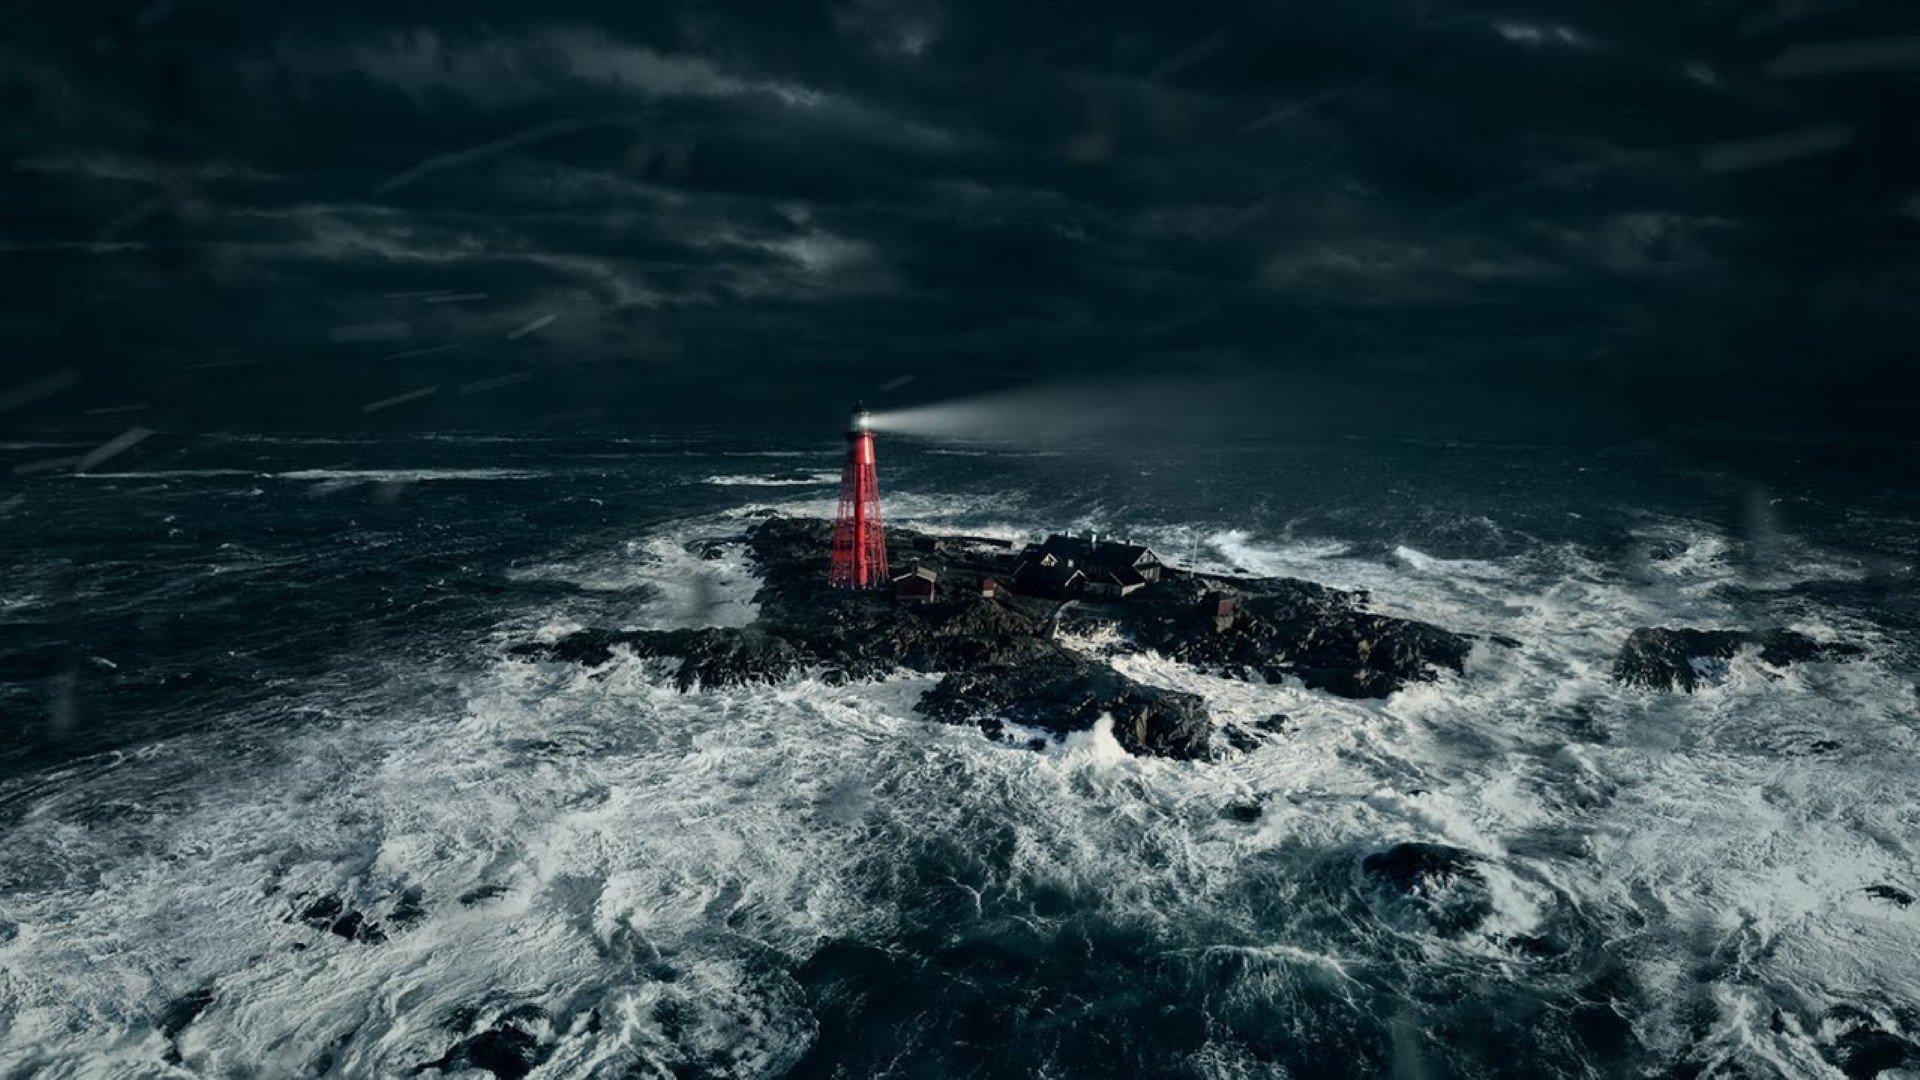 Отчаянного киномана оставят на маяке без средств связи